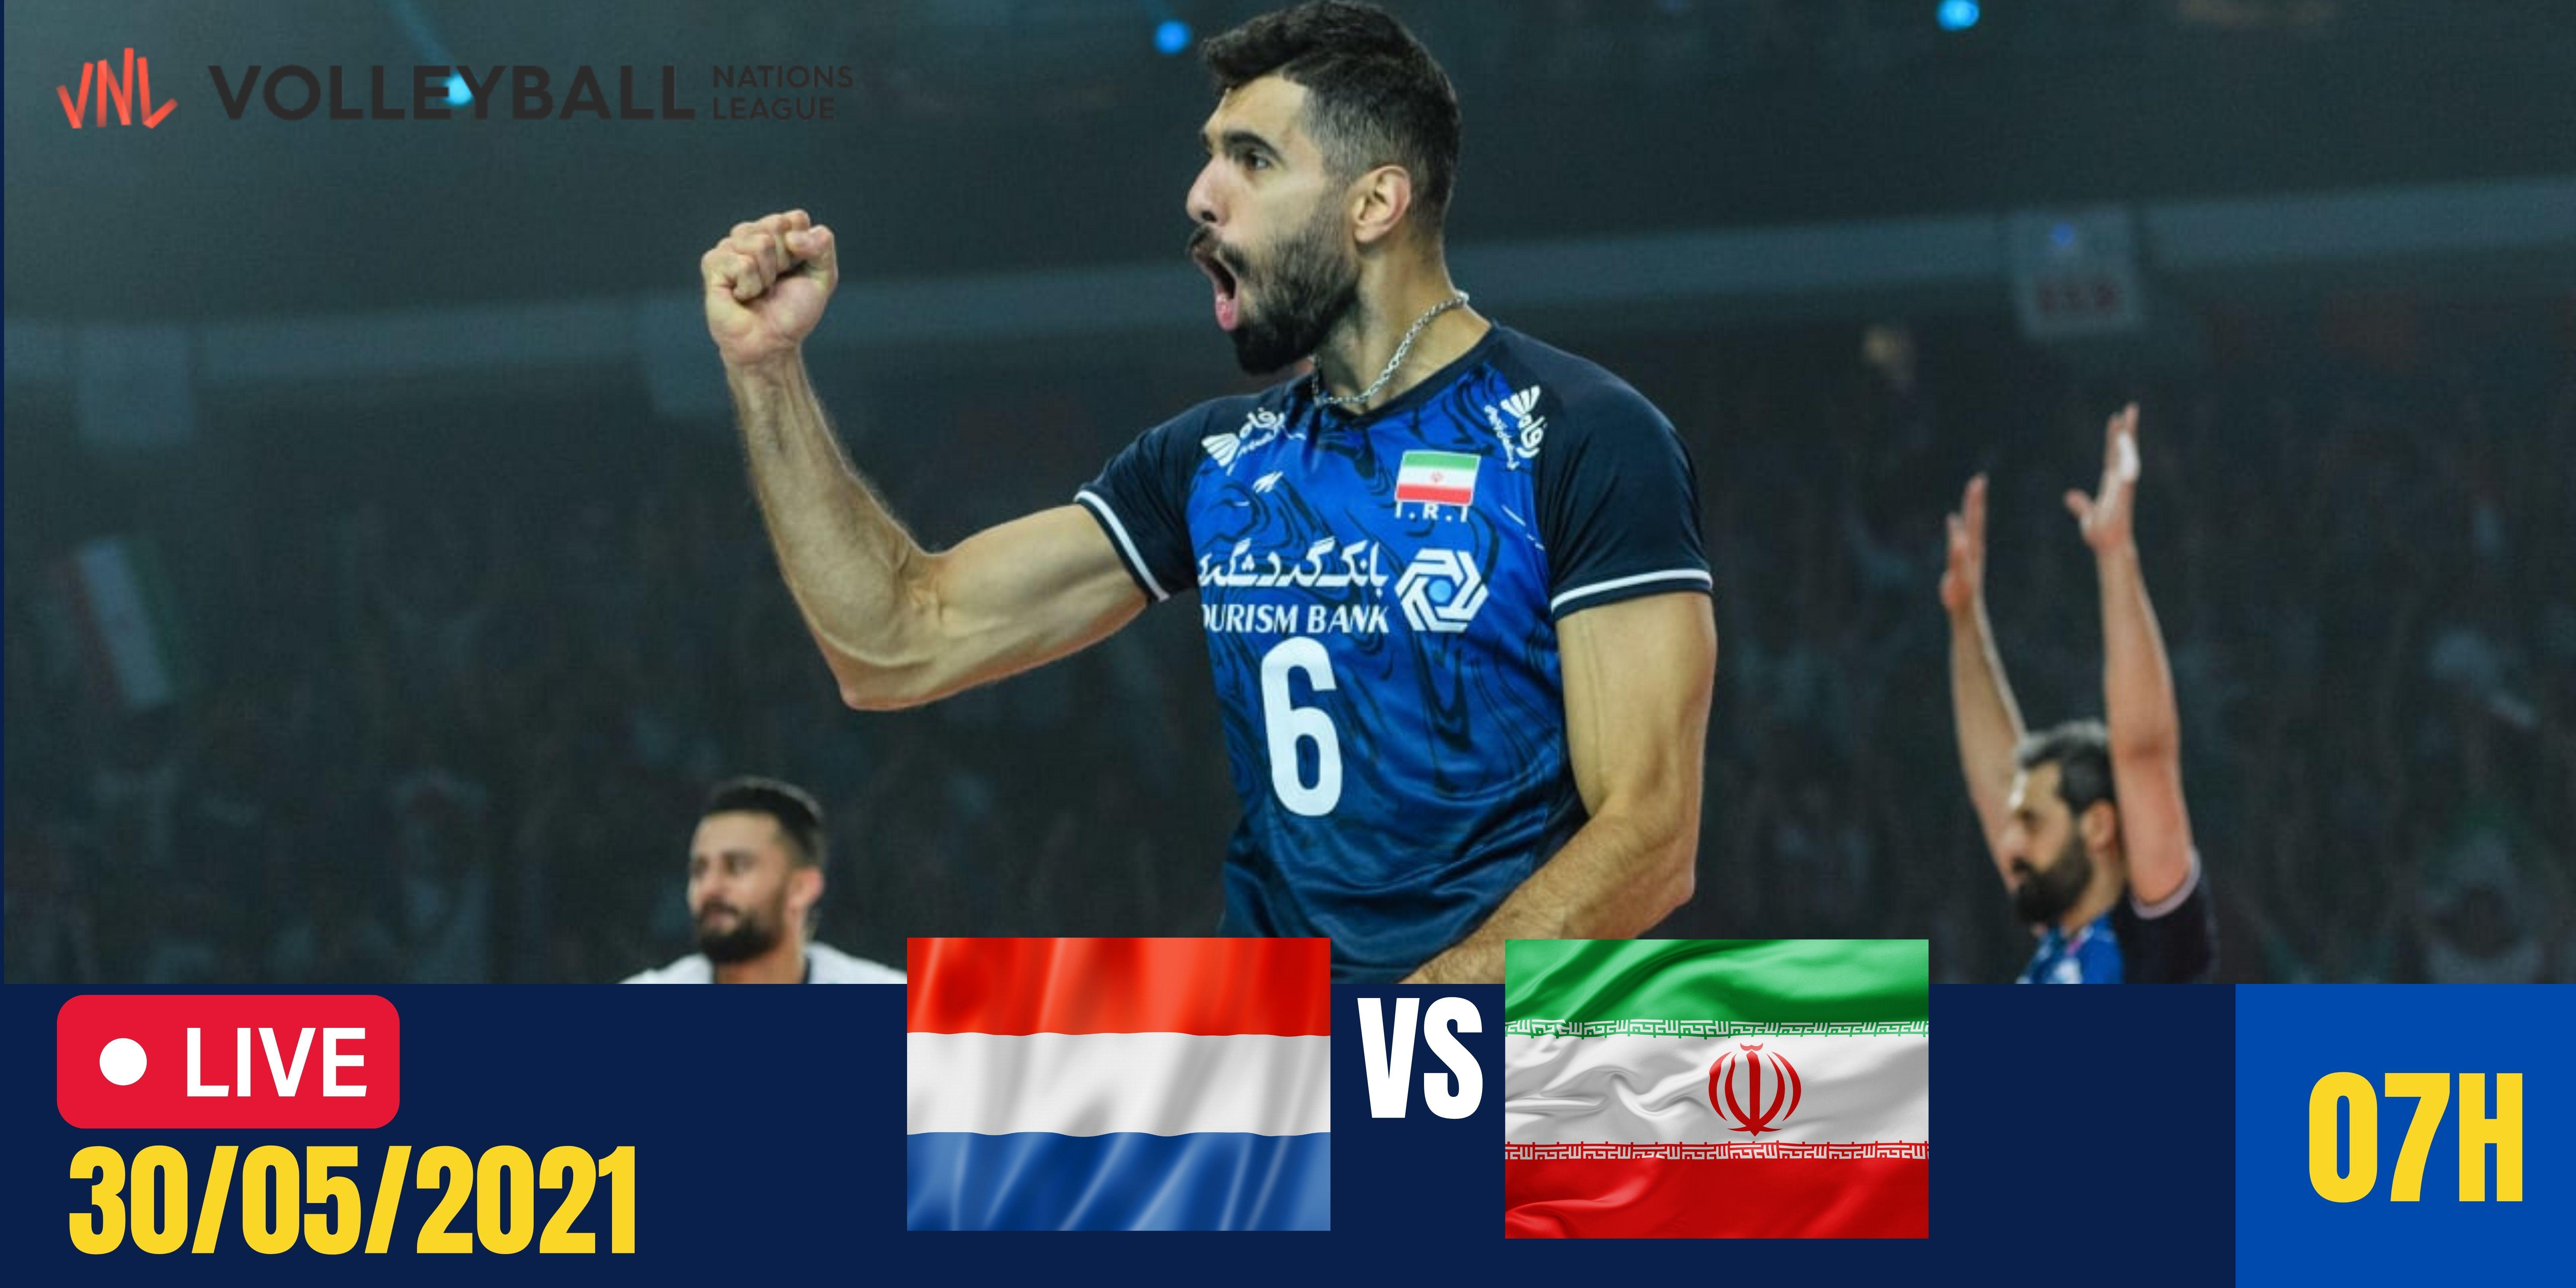 Resultado: Holanda vs Irã – Liga das Nações Masculina – 30/05/2021